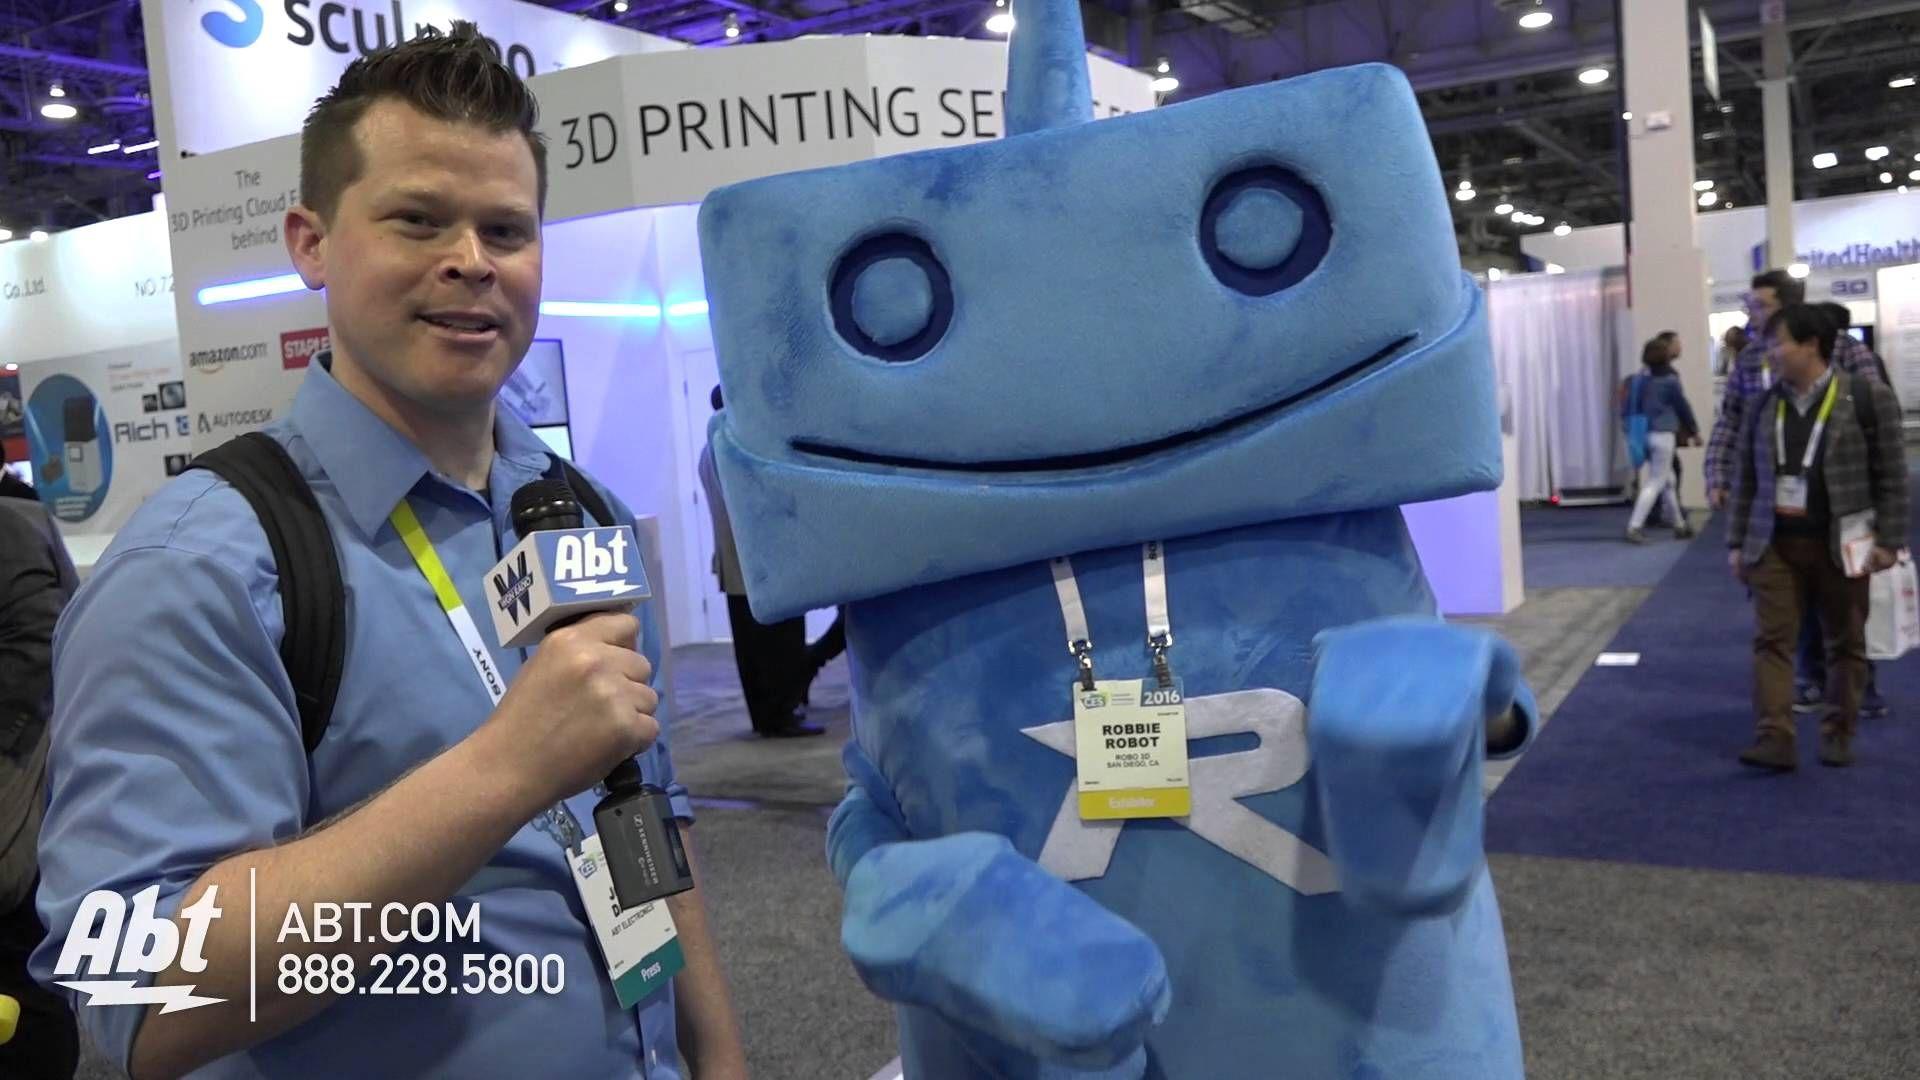 Robo 3D Robbie the Robot - CES 2016